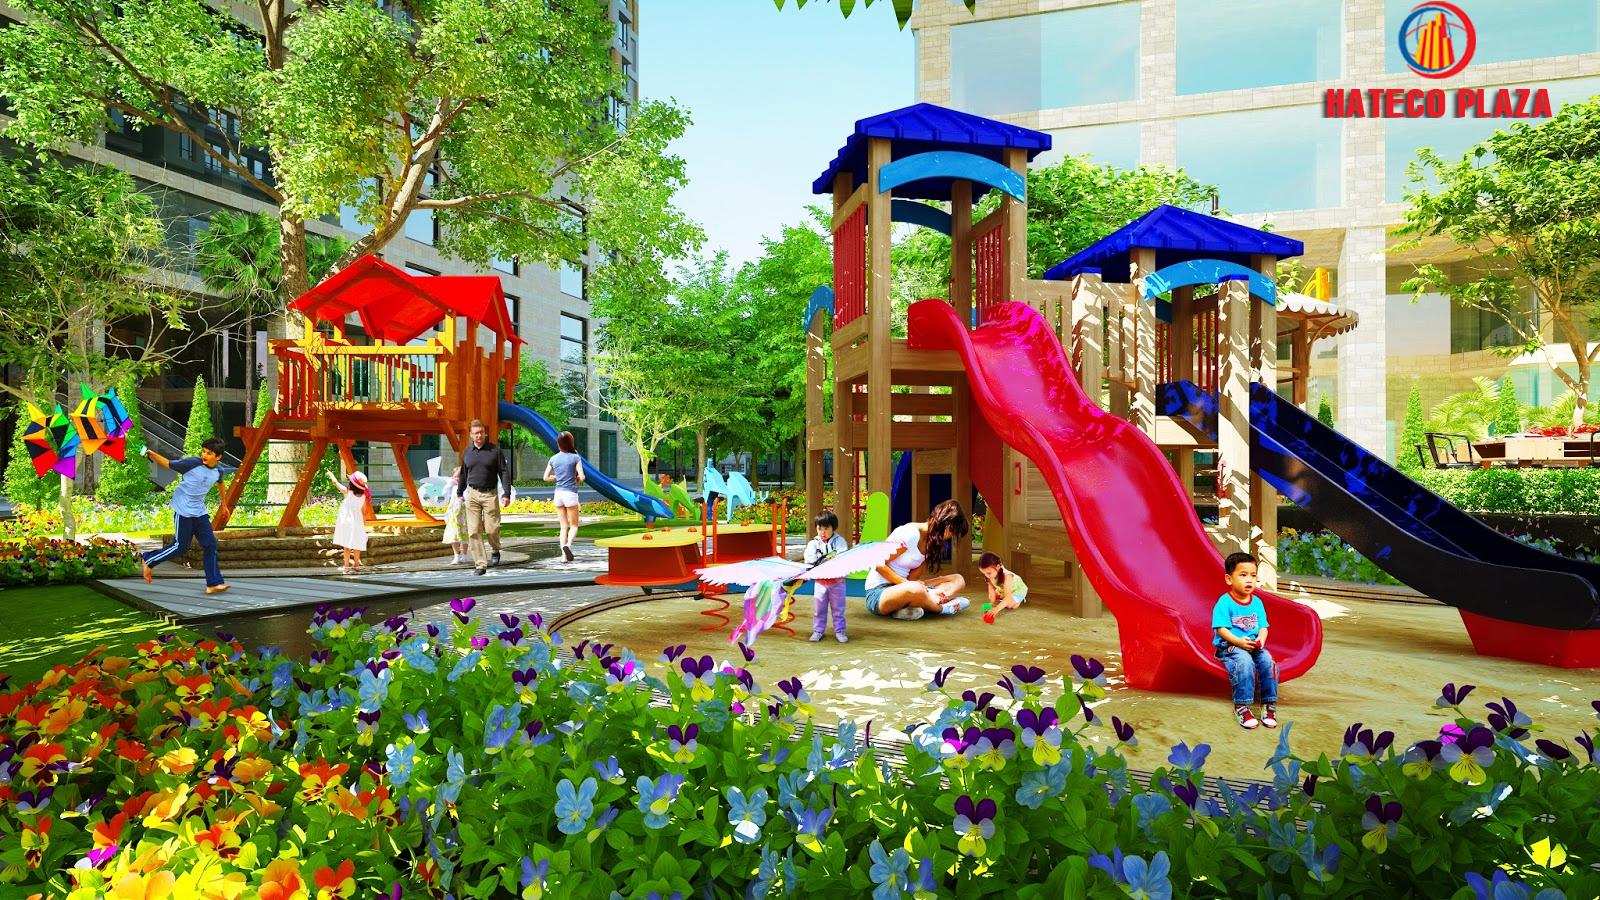 Tiện ích khu vui chơi trẻ em tại dự án Hateco Plaza